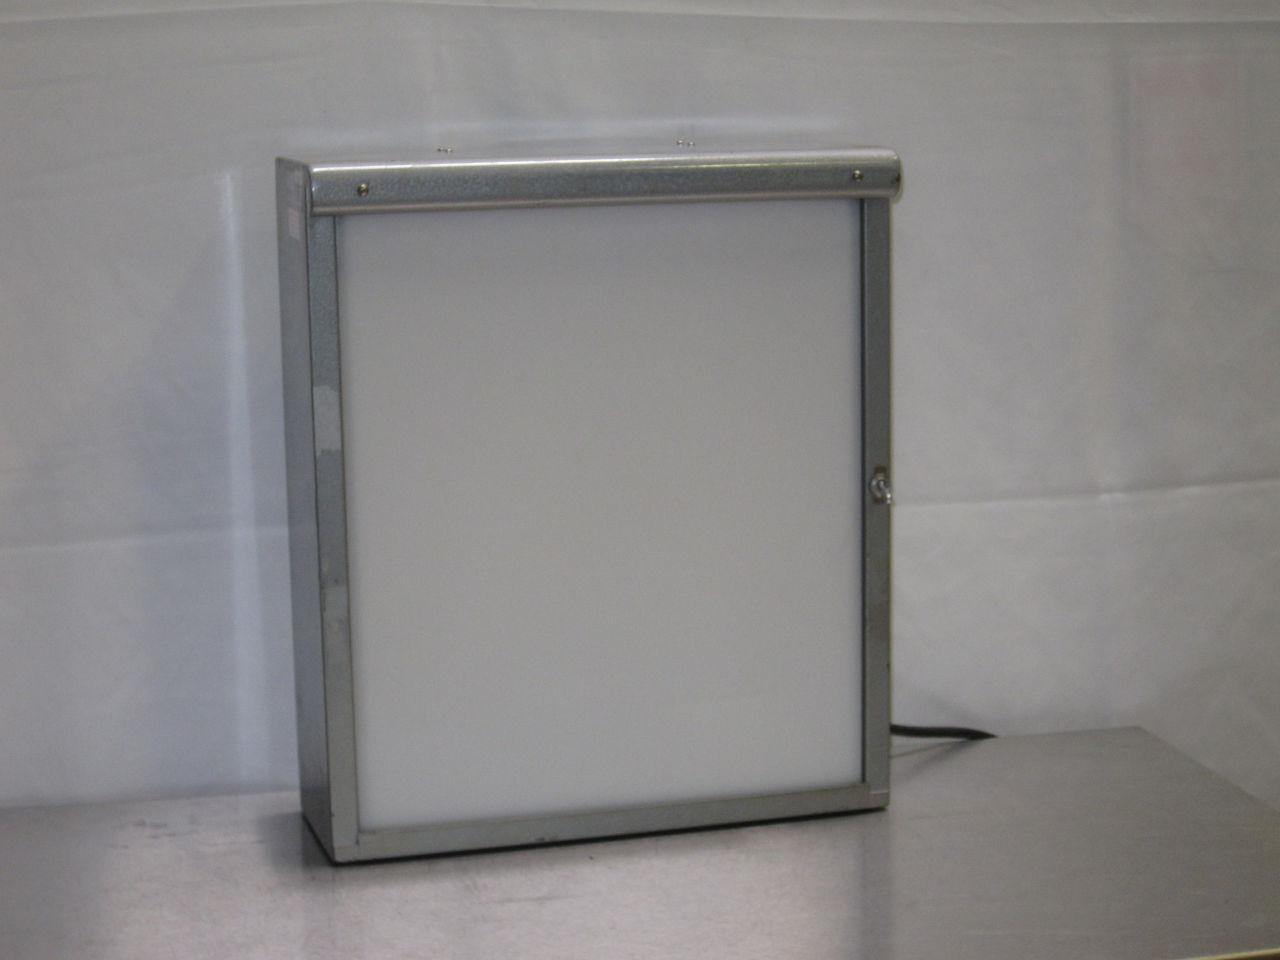 S&S X-RAY PRODUCTS 200 Illuminator